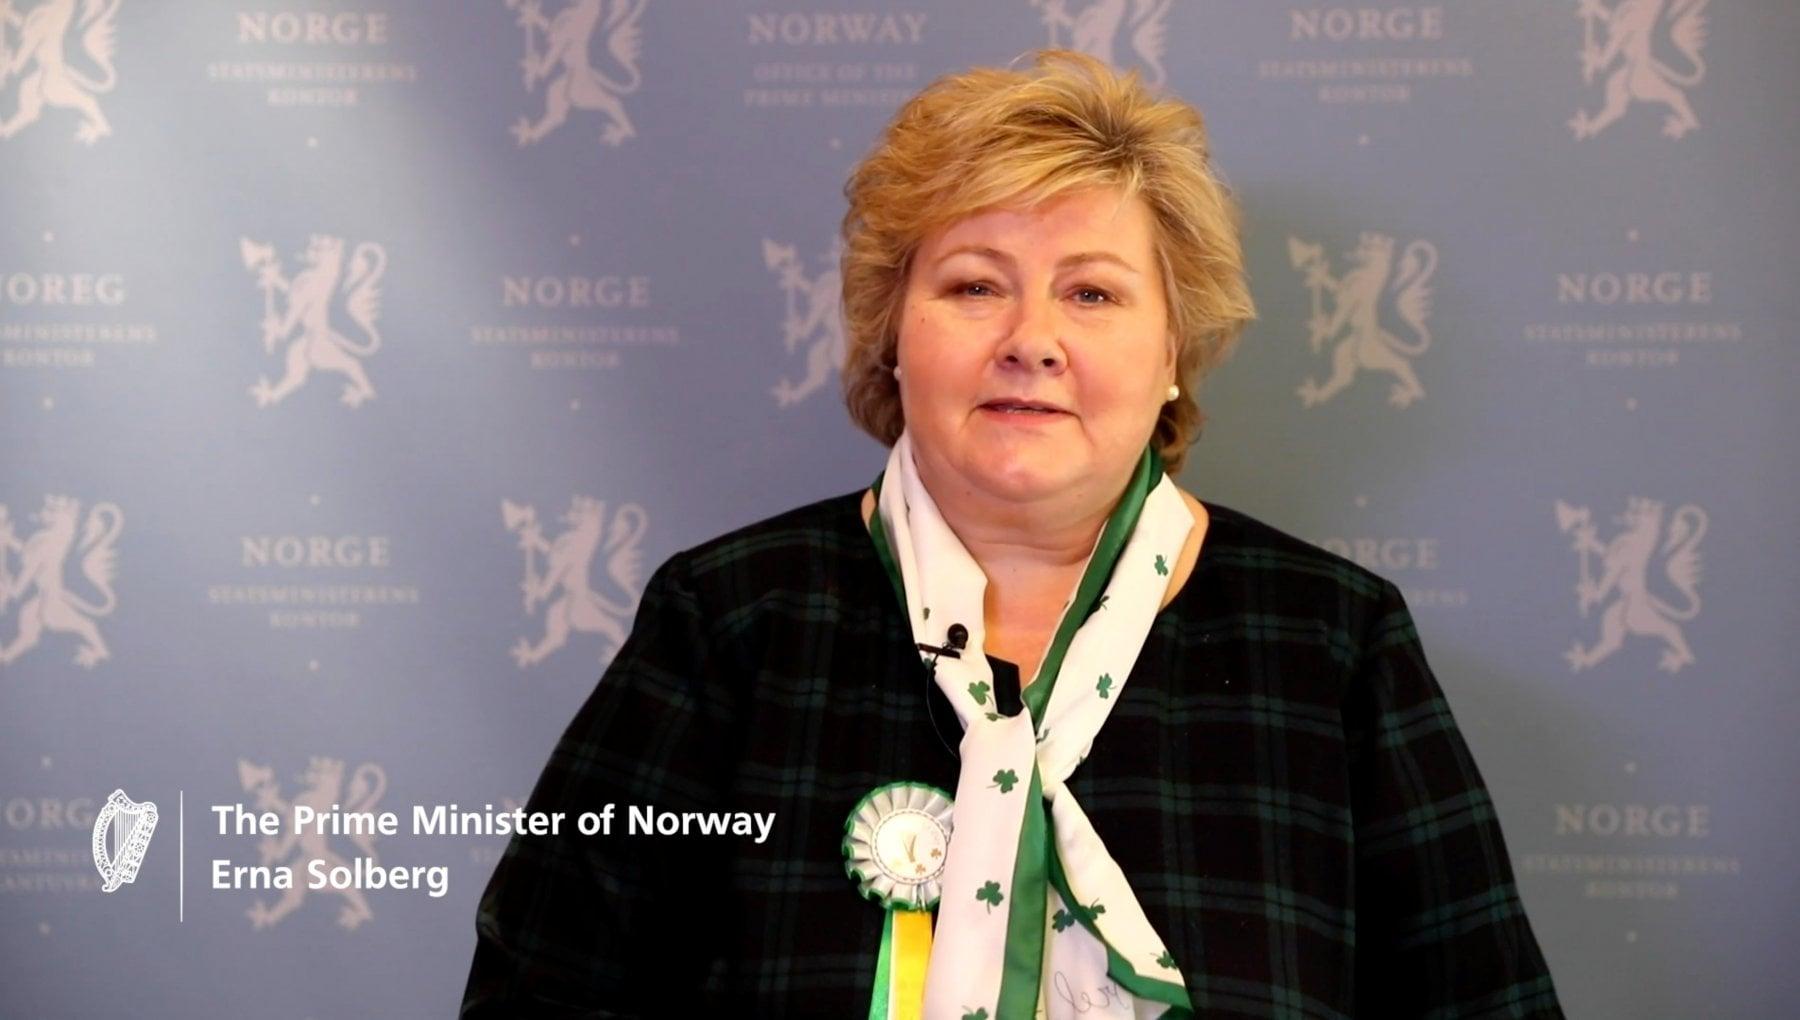 155329125 f99f26d7 76cf 4766 96c9 c3a276382c6a - Norvegia, indagine sulla premier: festa per i 60 anni in violazione delle norme anti-Covid